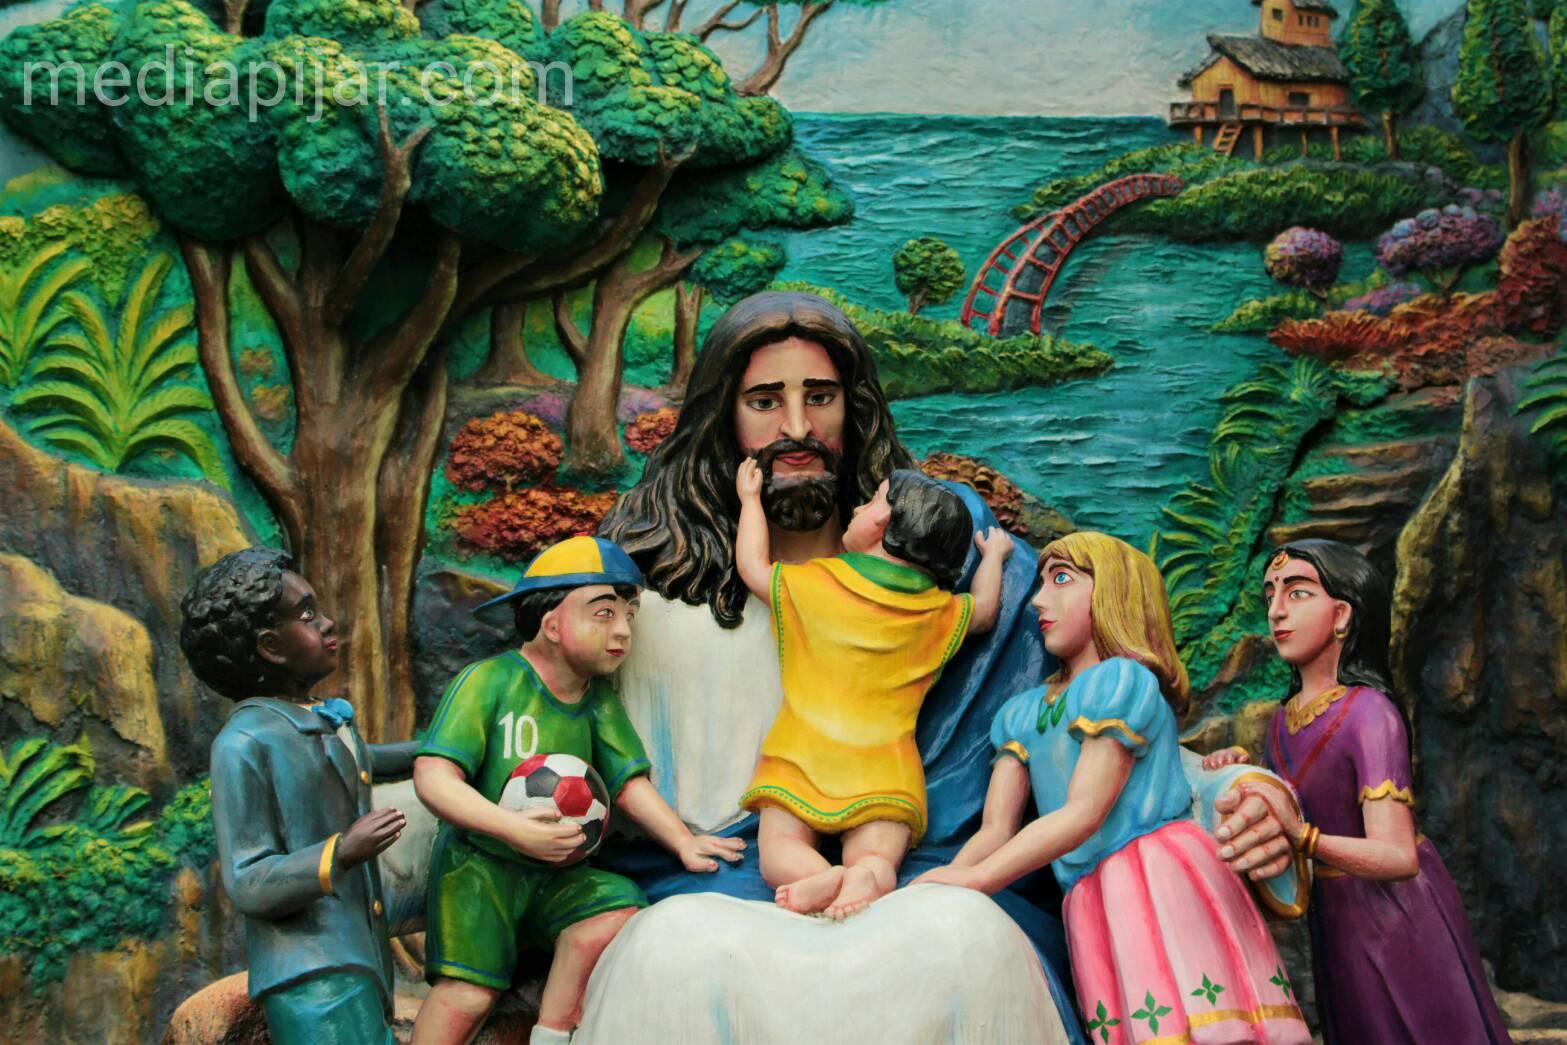 Yesus mengasihi seluruh anak-anak dari latar belakang kebudayaan yg berbeda.